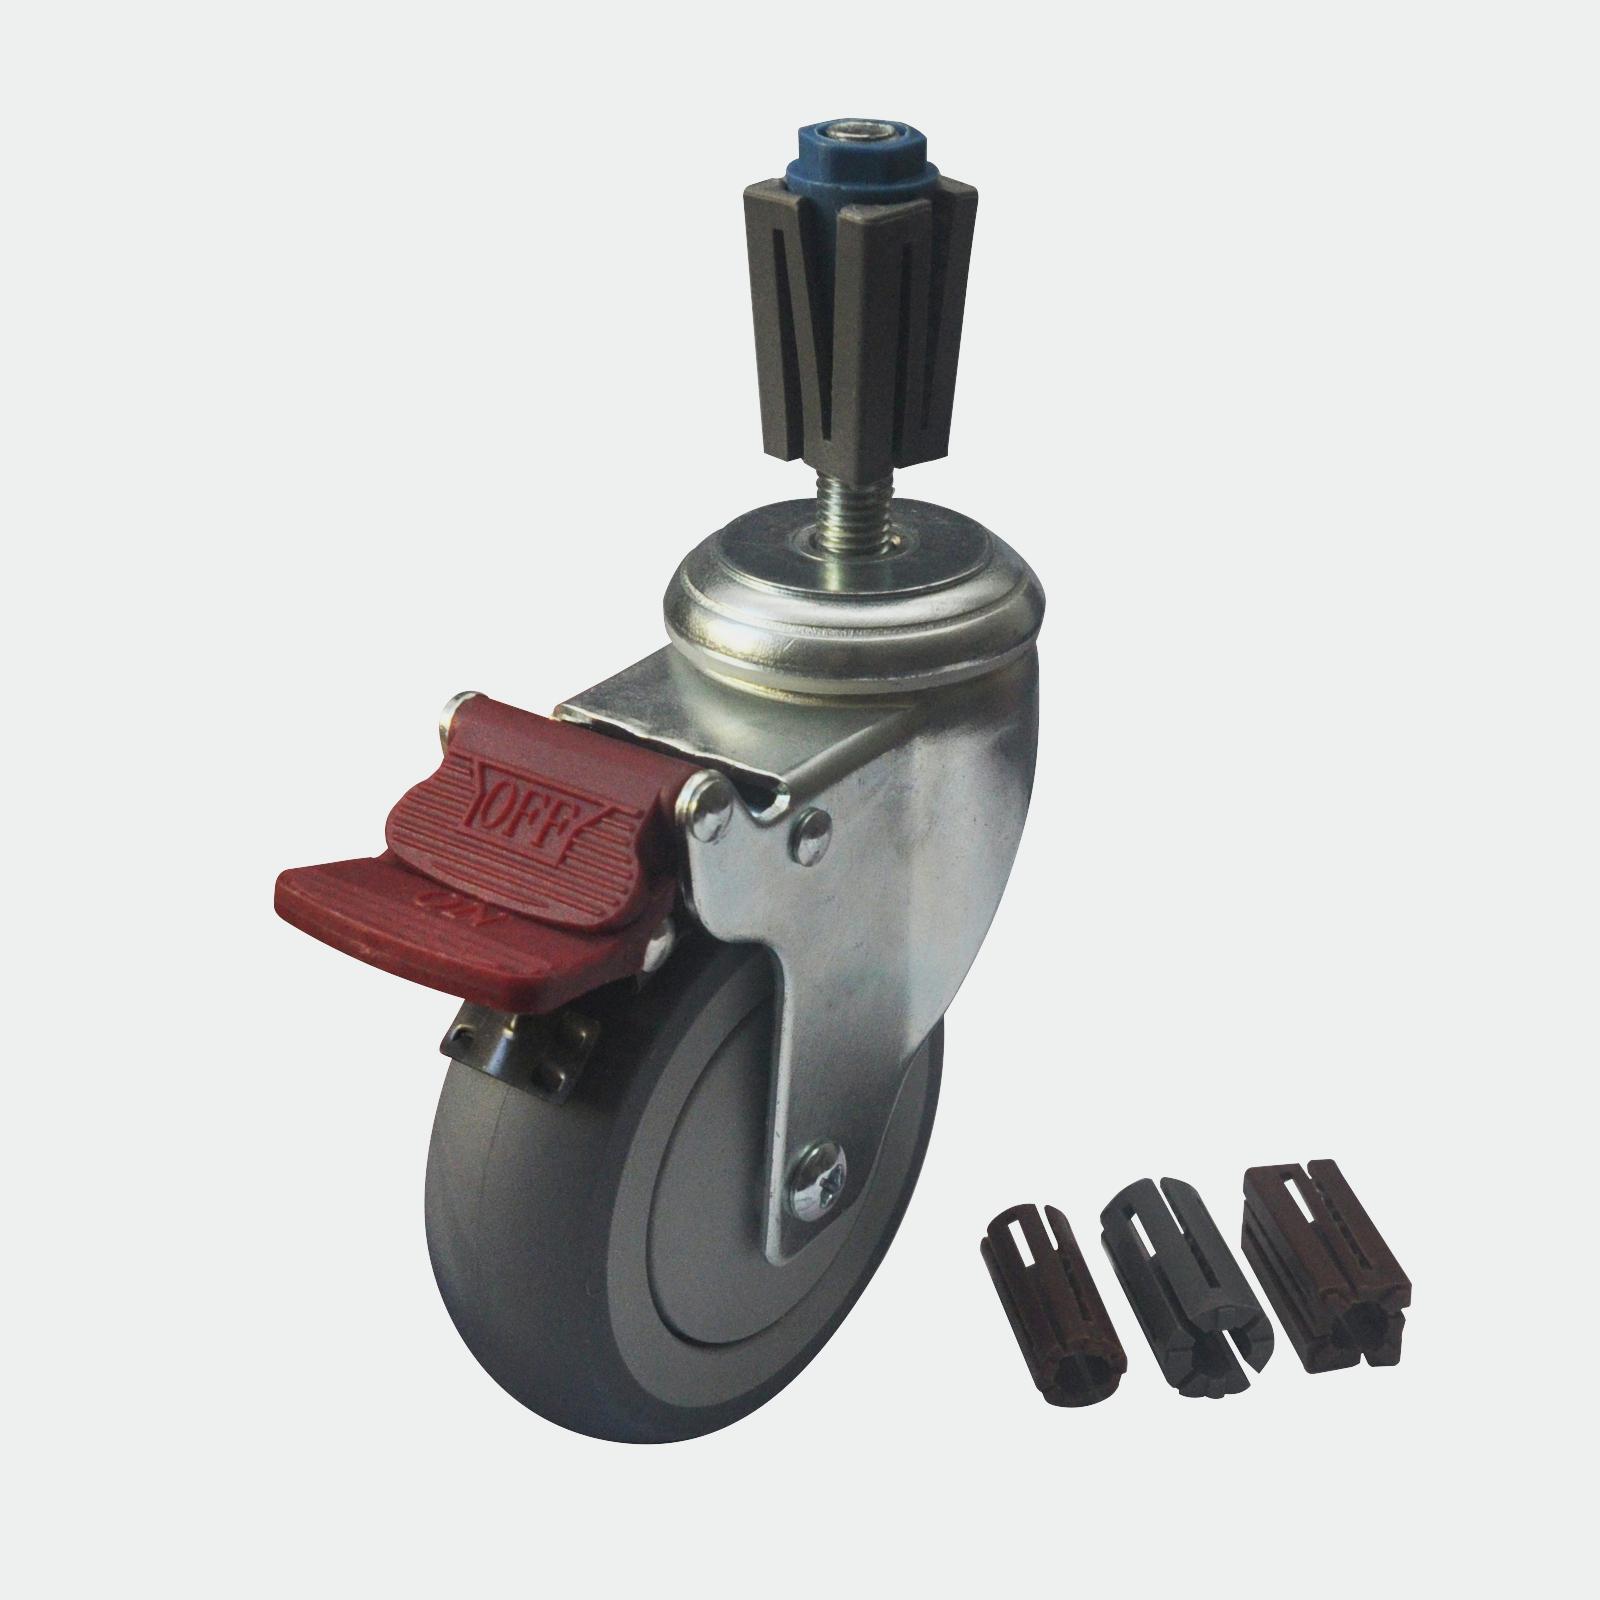 Castor Xpan Kit Easyroll 100mm Grey Rbr Brk 120kg 16020